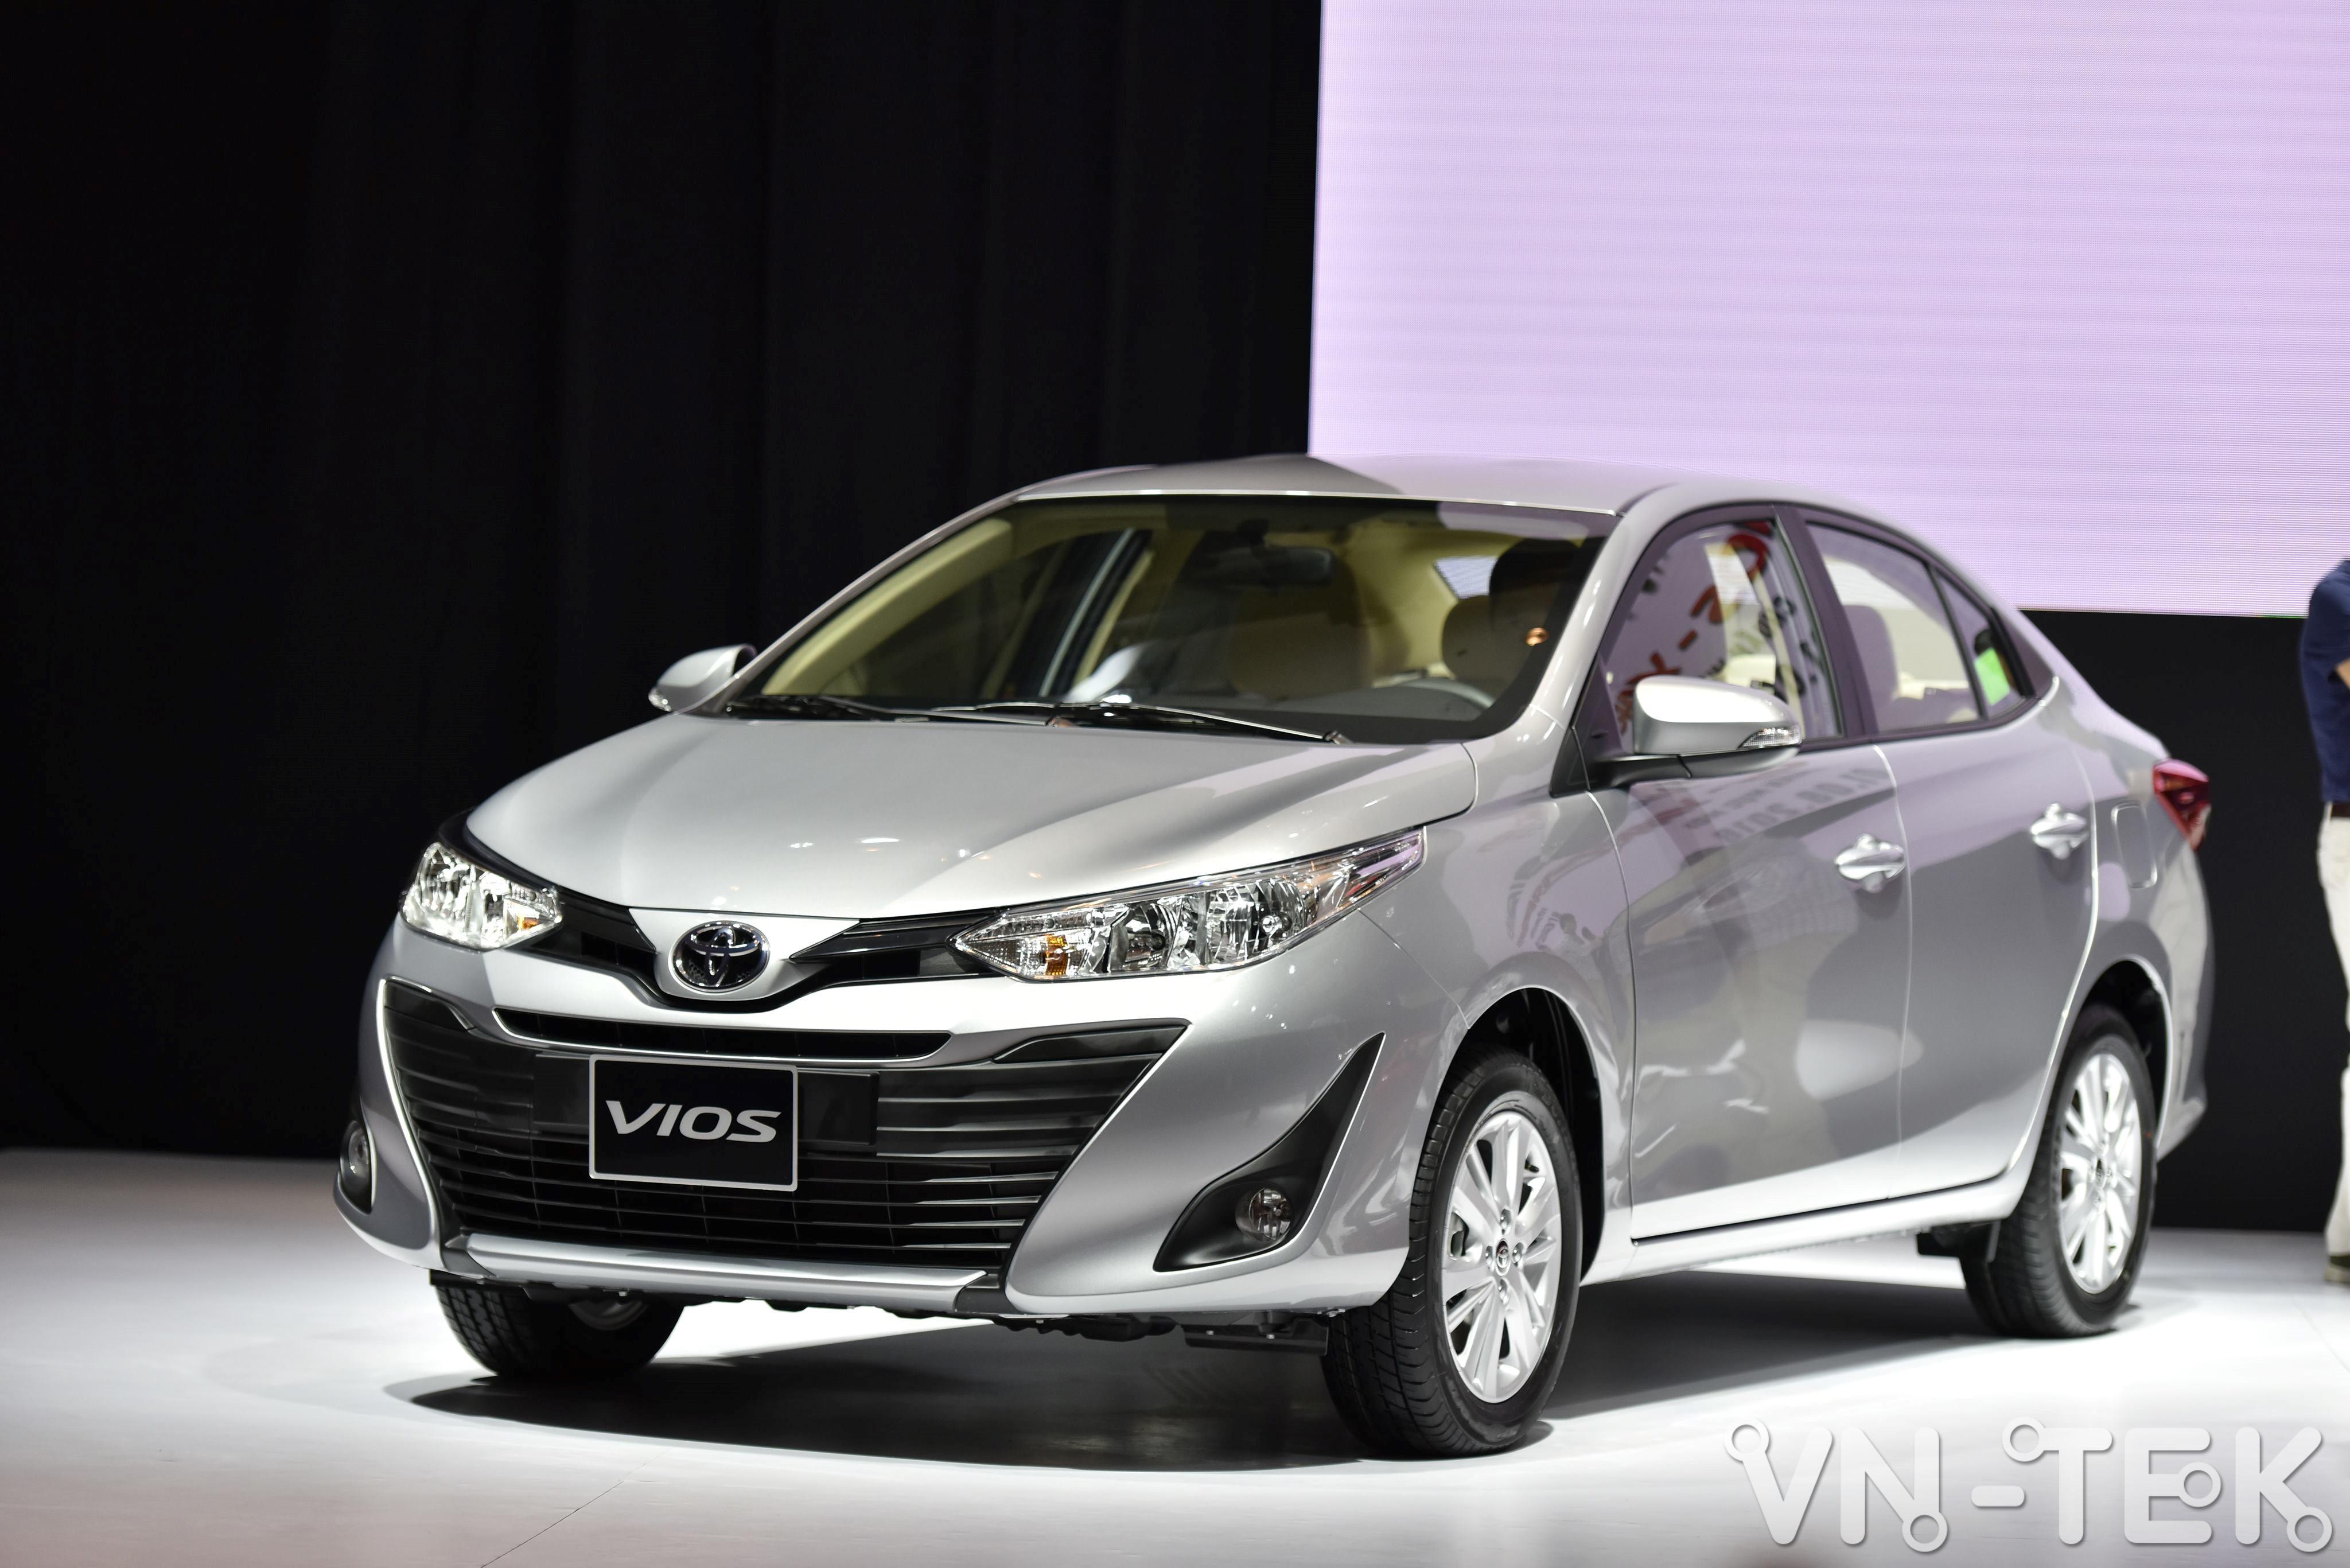 nhung mau o to tam gia 500 600 trieu 1 - Những mẫu ô tô đáng mua trong tầm giá 500 - 600 triệu đồng